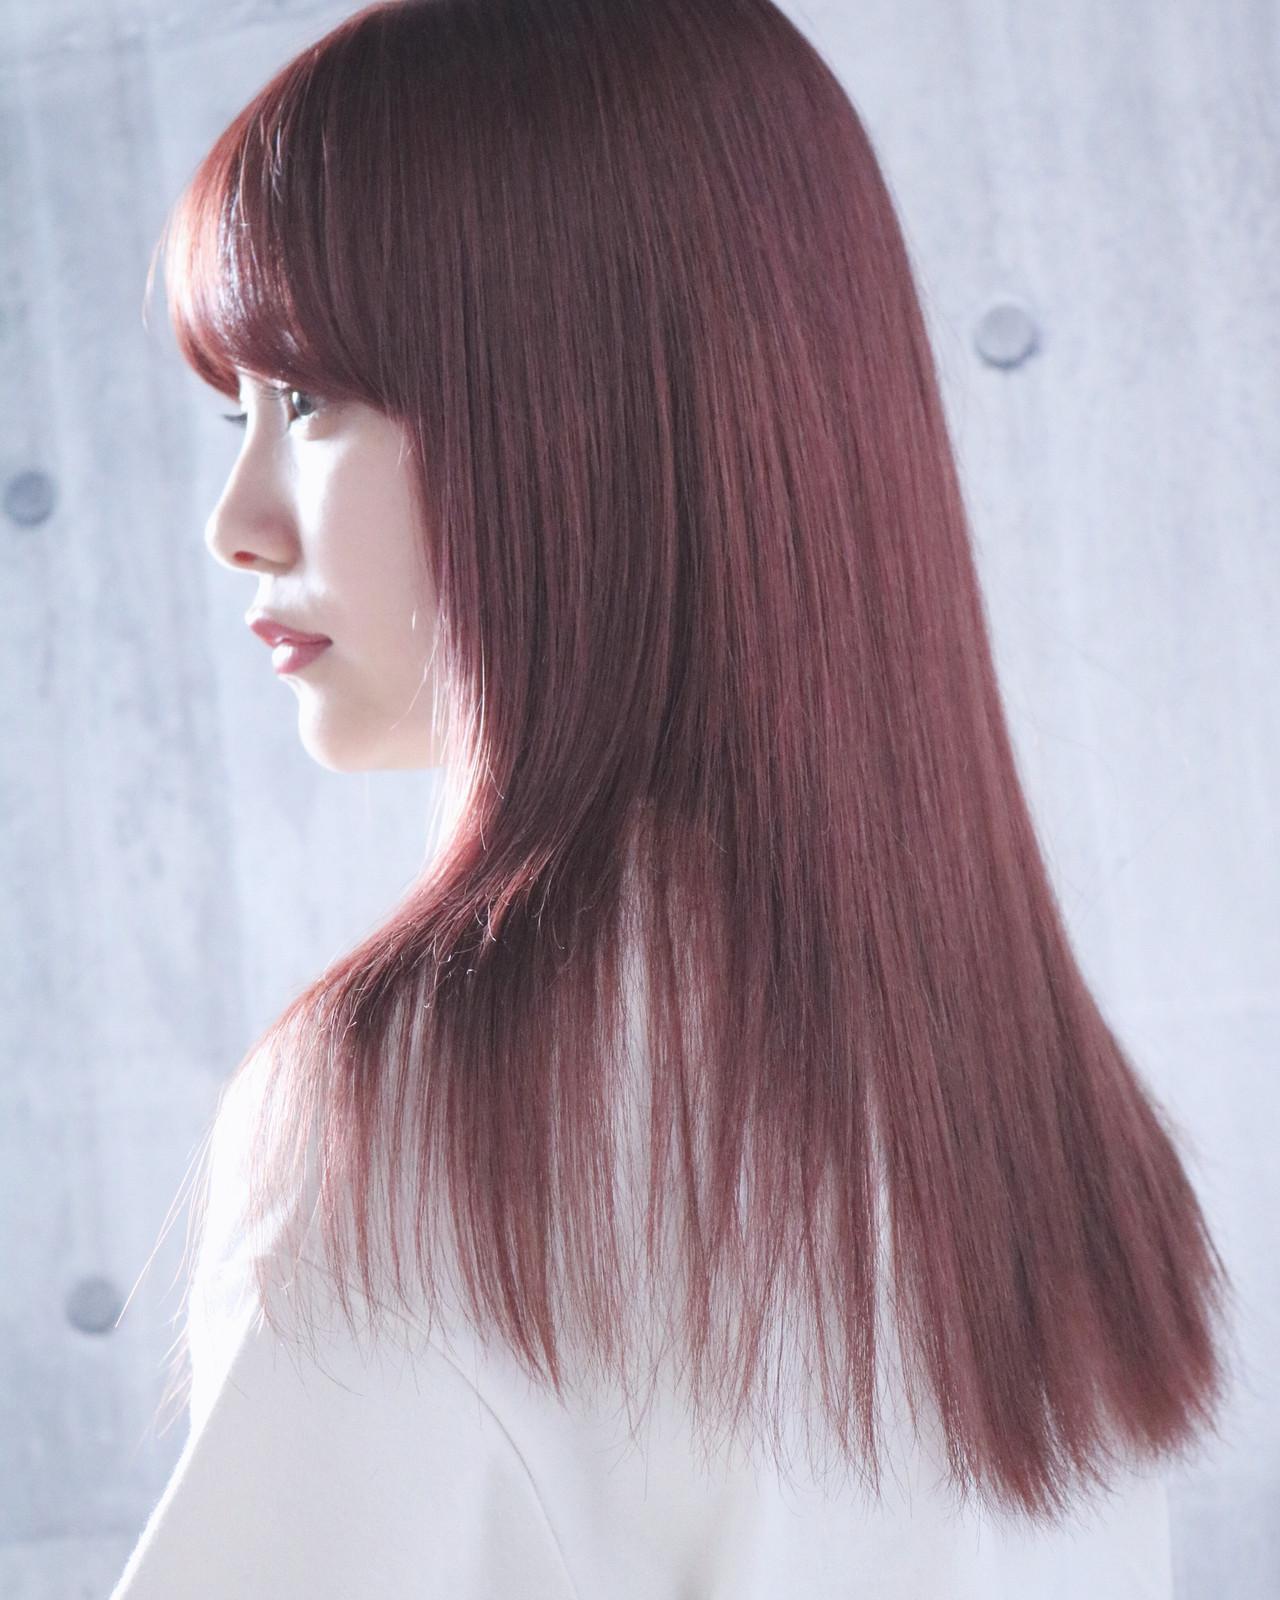 ピンクベージュ ナチュラル ミルクティーグレージュ ロング ヘアスタイルや髪型の写真・画像